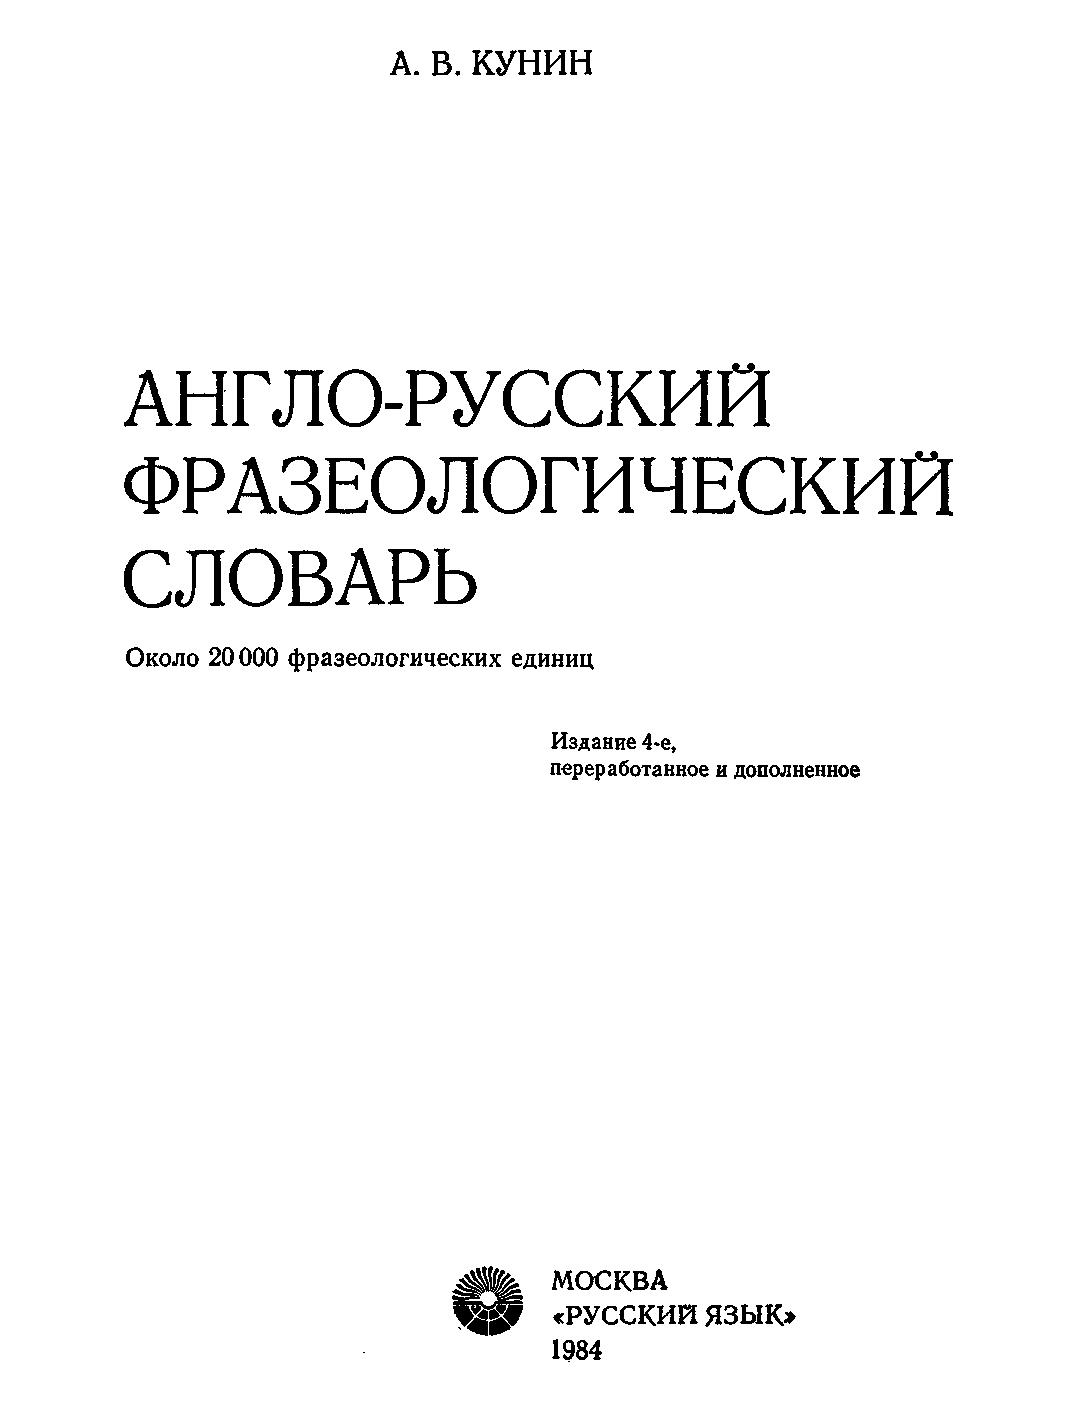 Книга «англо-русский визуальный словарь с транскрипцией» а. В.